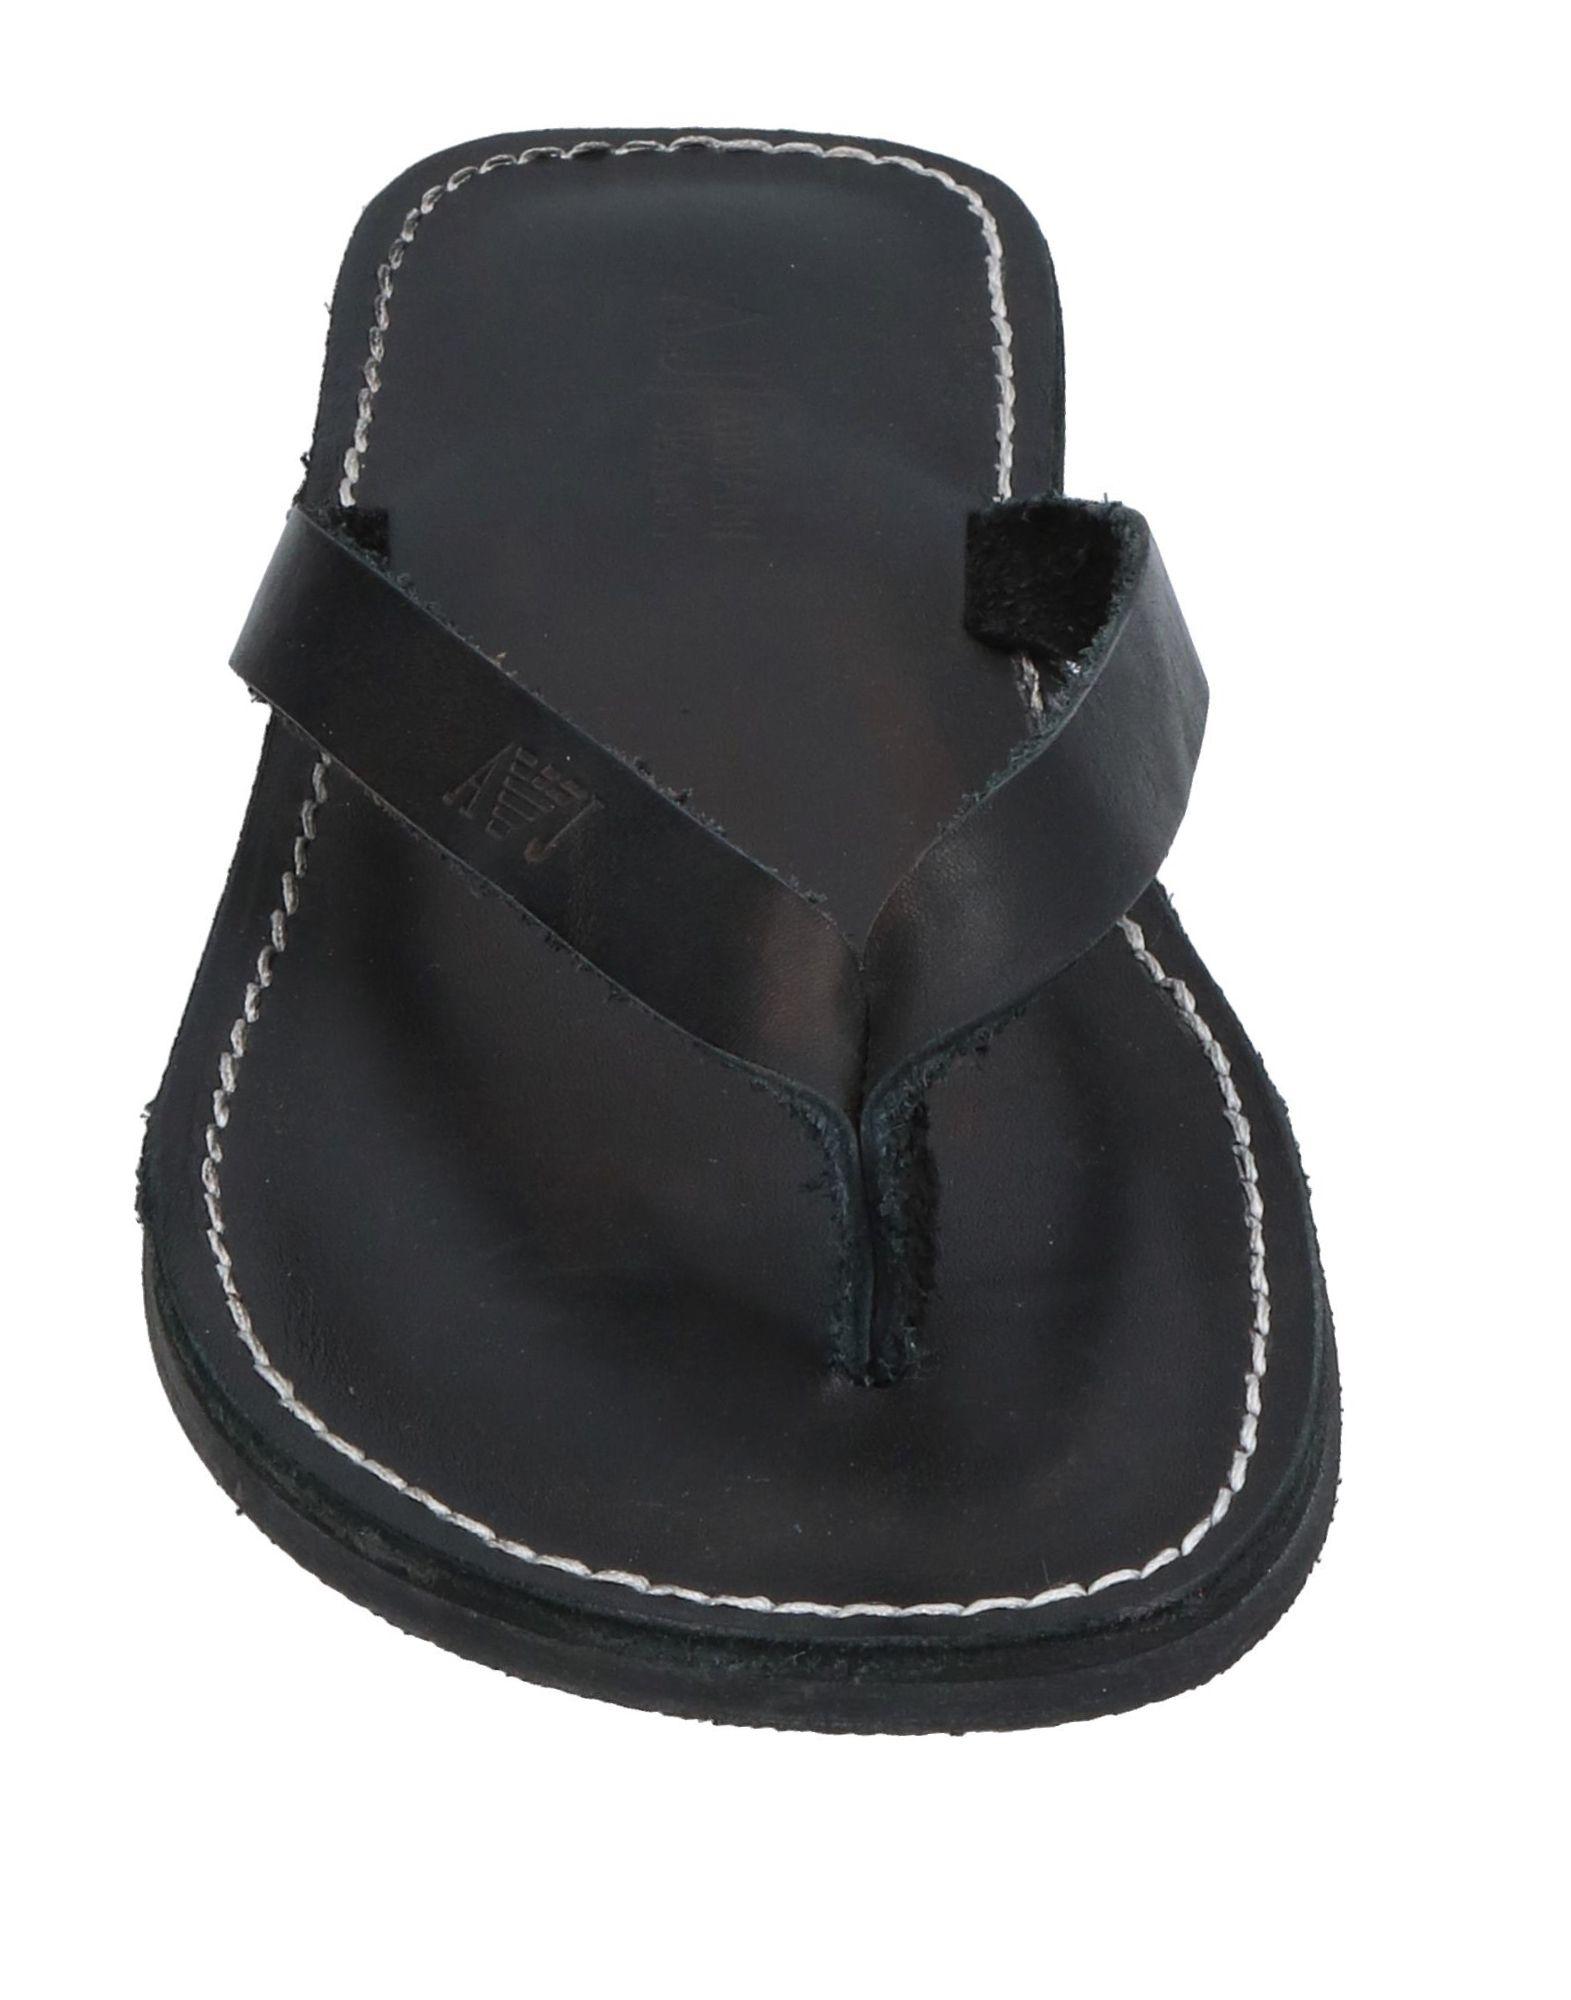 Rabatt echte Dianetten Schuhe Armani Jeans Dianetten echte Herren  11401021VV 1a7efa